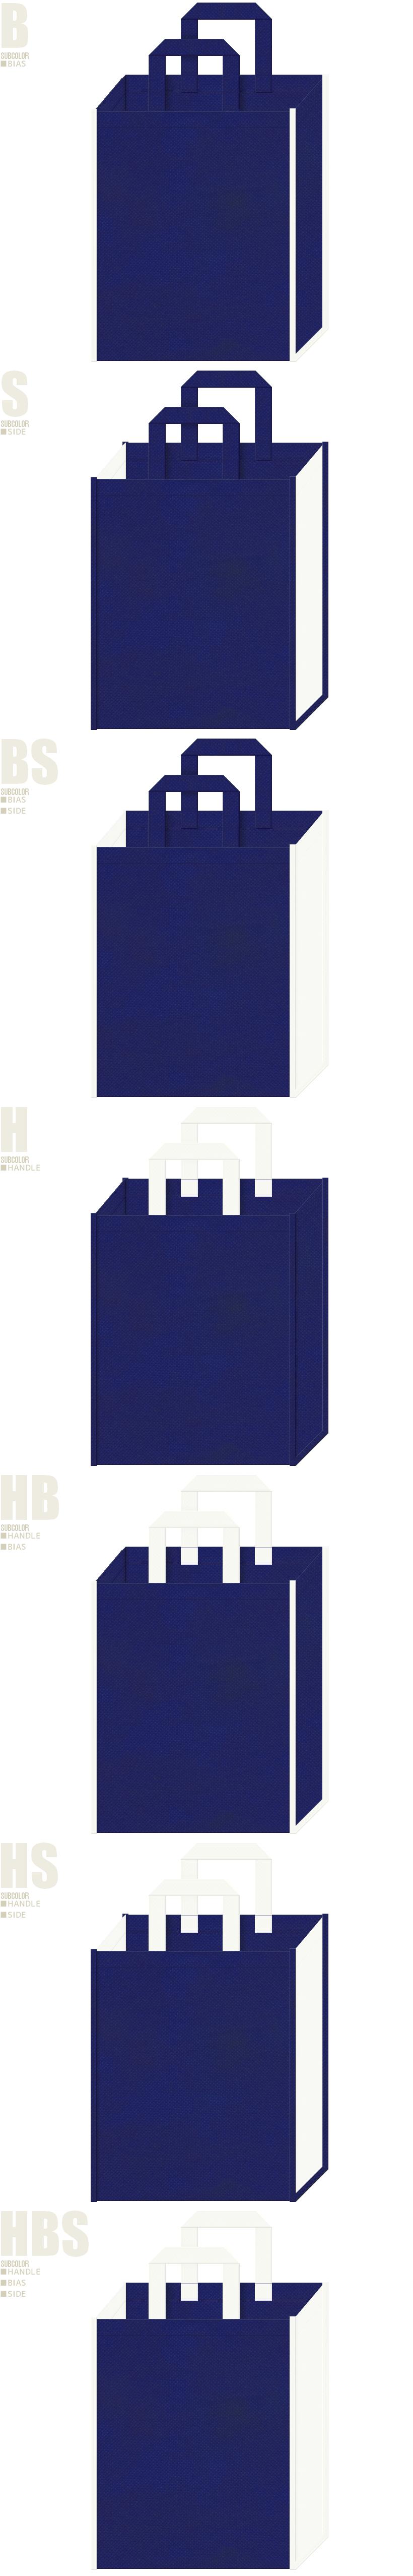 水産・船舶・学校・オープンキャンパス・学習塾・レッスンバッグ・マリンルック・水族館・クルージング・天体観測・プラネタリウム・太陽光パネル・太陽光発電の展示会用バッグにお奨めの不織布バッグデザイン:明るい紺色とオフホワイト色の配色7パターン